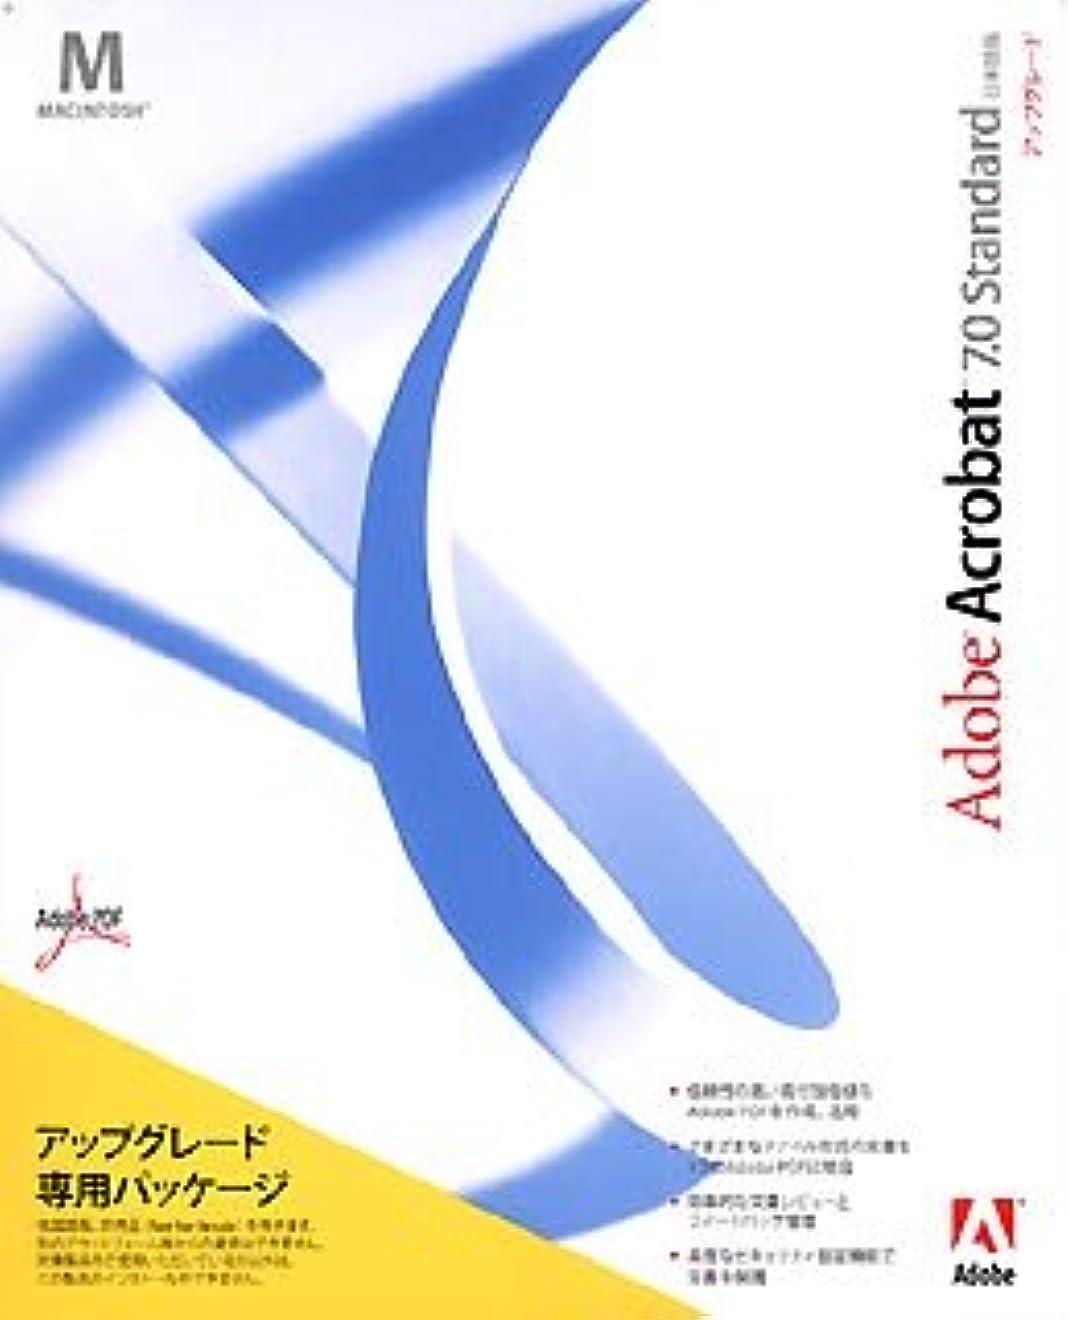 歩き回る保存必需品Adobe Acrobat 7.0 Standard 日本語版 Macintosh版 アップグレード専用パッケージ